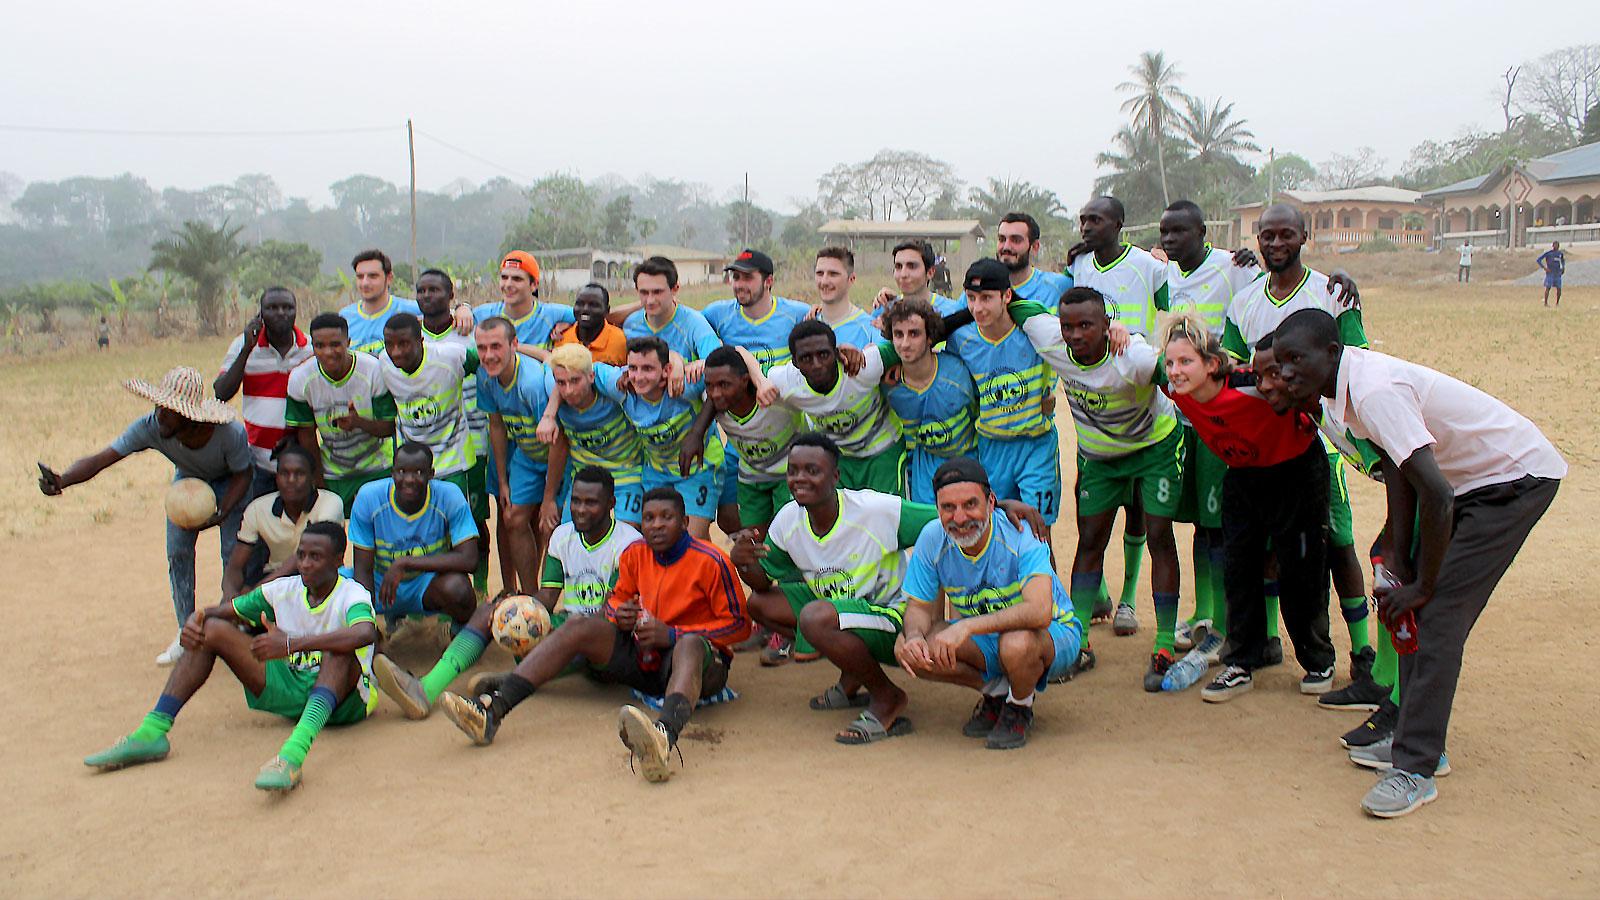 Group football team photo